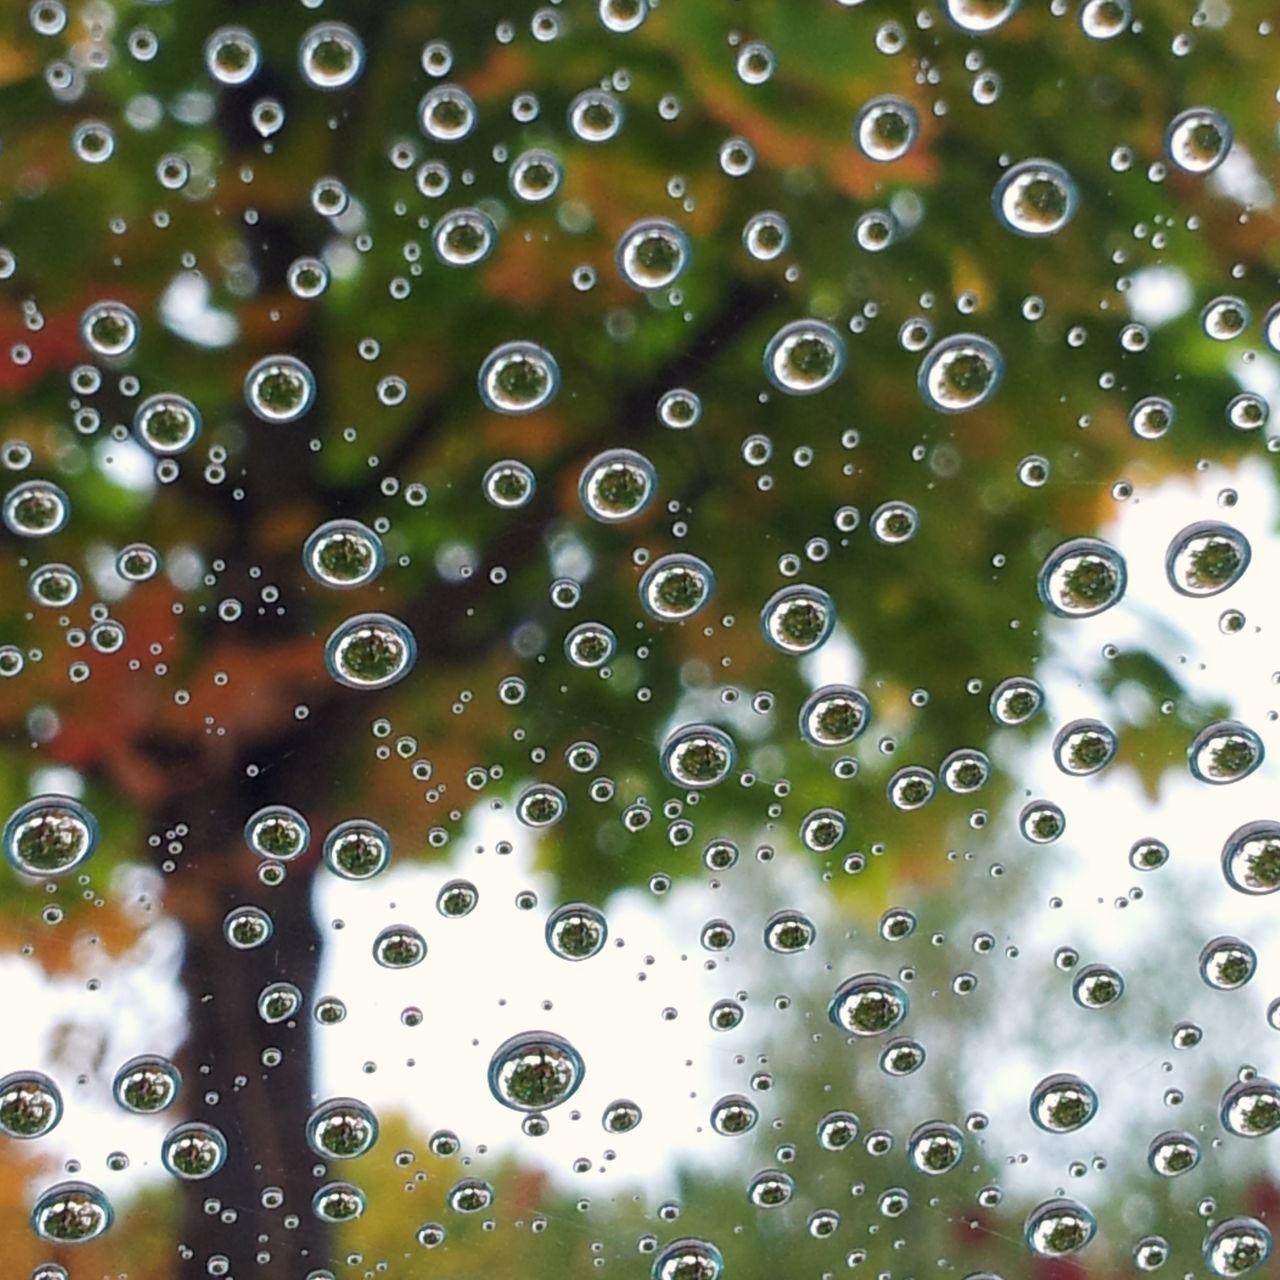 Abstract Blick Durch Ein Glas Blick Durchs Fenster Design Raindrops Simplicity Tree Window